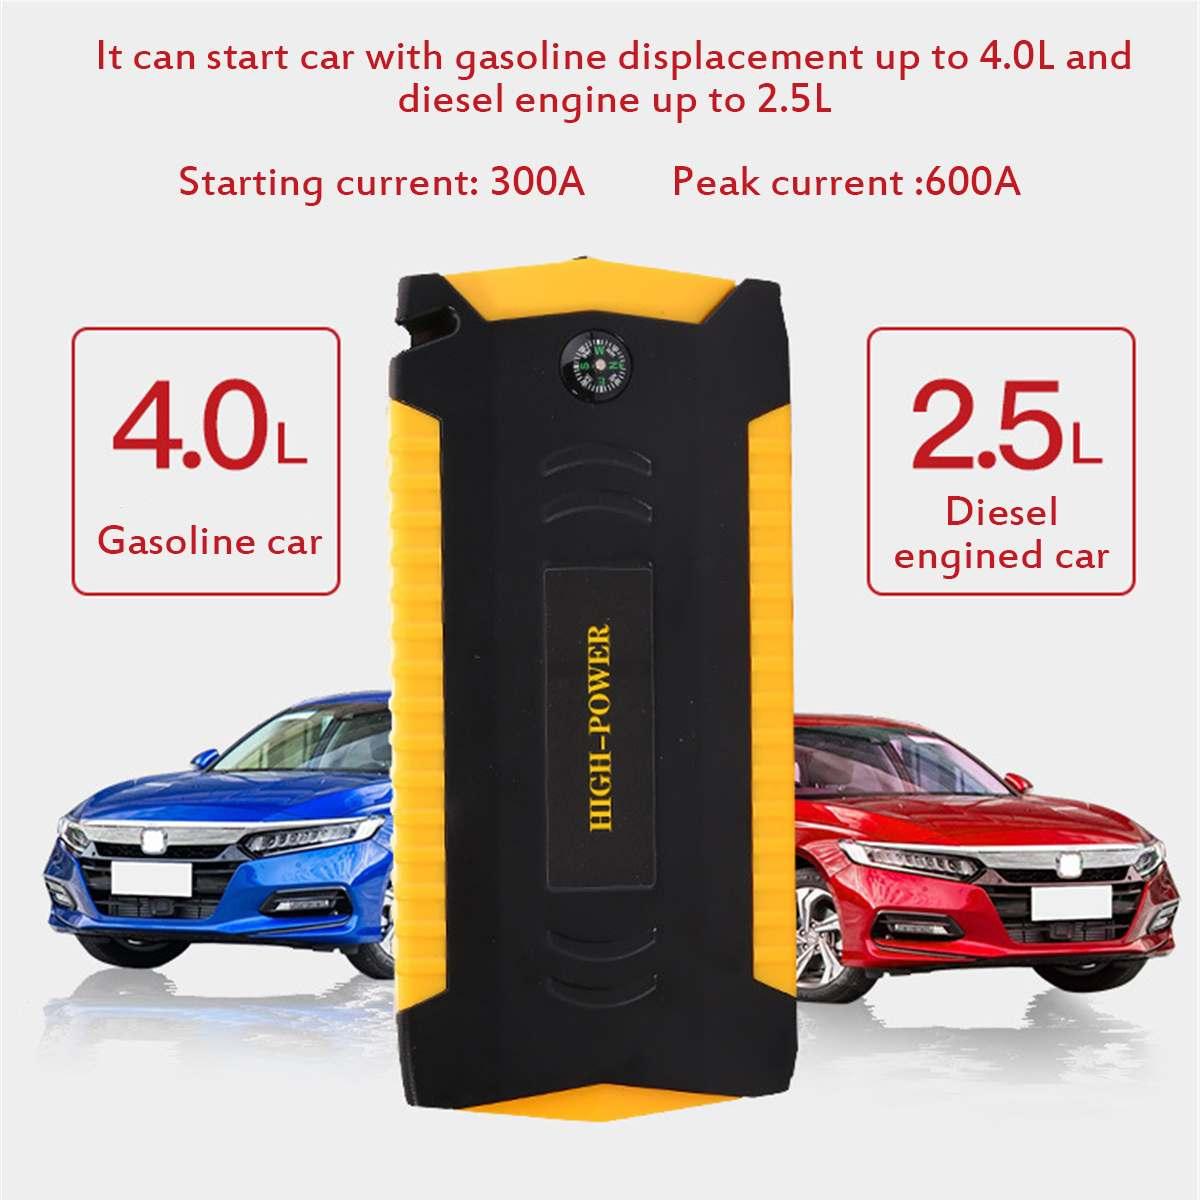 Voiture saut démarreur Booster 4USB chargeur de secours batterie 89800 mAh 12 V 600A multifonction batterie externe pour Diesels voiture véhicule